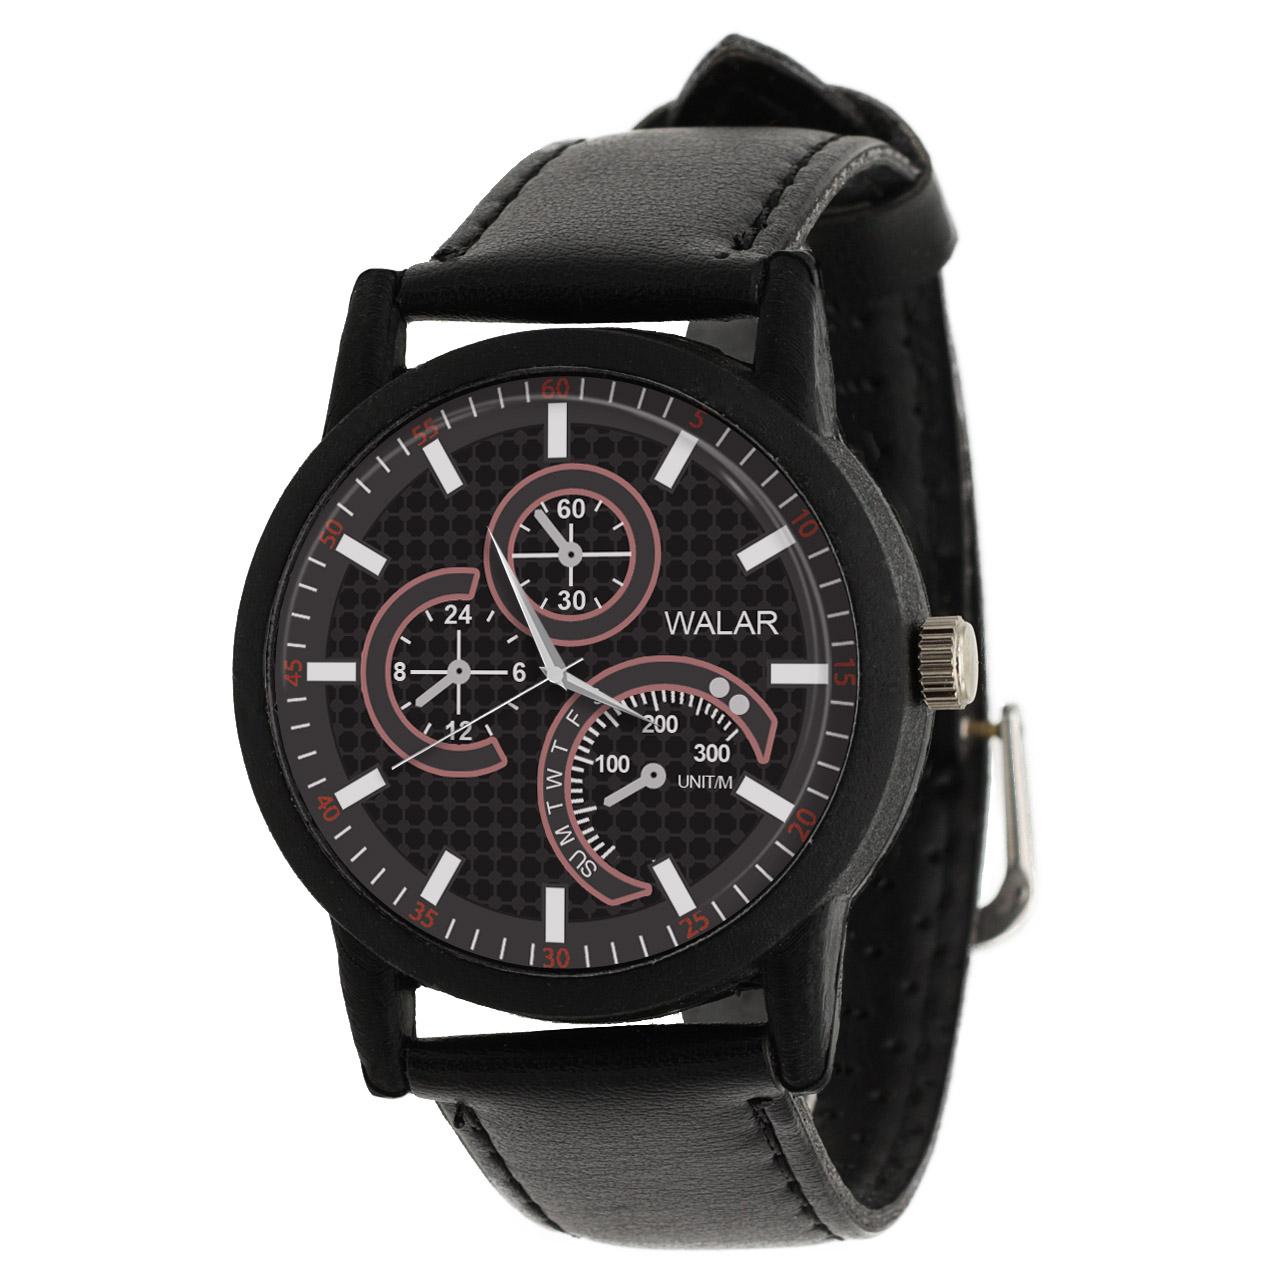 ساعت مچی عقربه ای والار کد LF2880              خرید (⭐️⭐️⭐️)